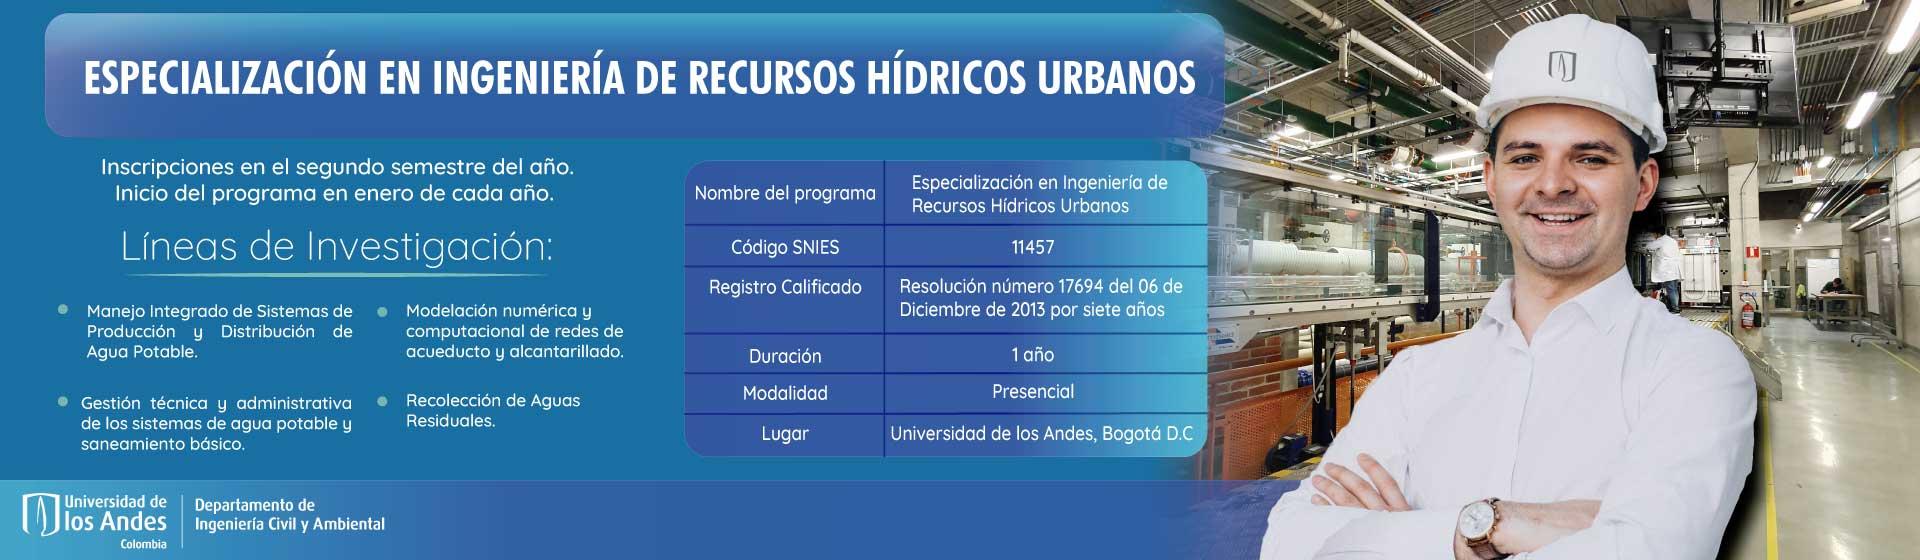 Especialización en Ingeniería de Sistemas Hídricos Urbanos